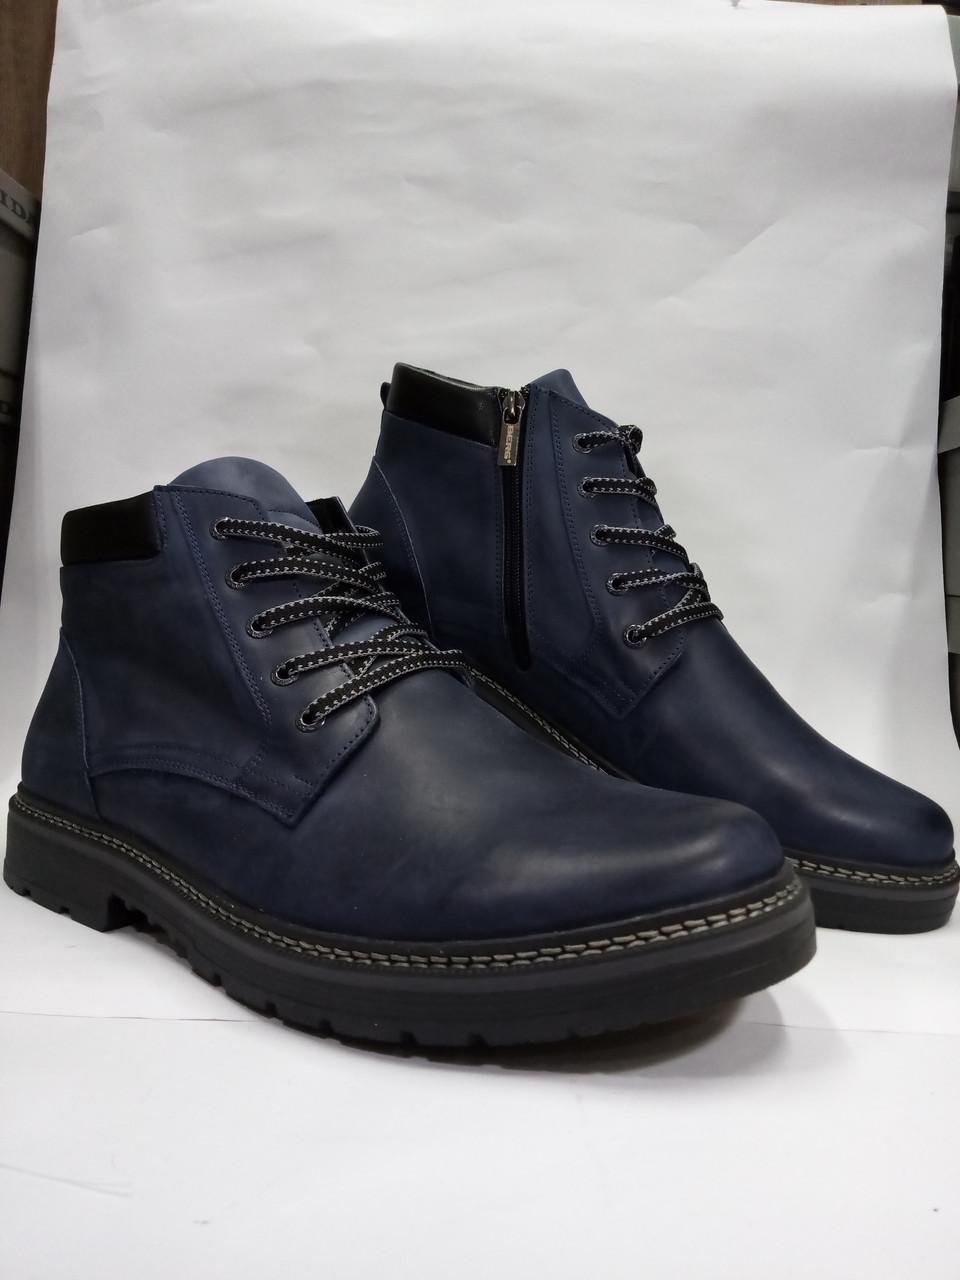 60f666ea073e Зимние мужские ботинки больших размеров из натуральной кожи Berg 591/1